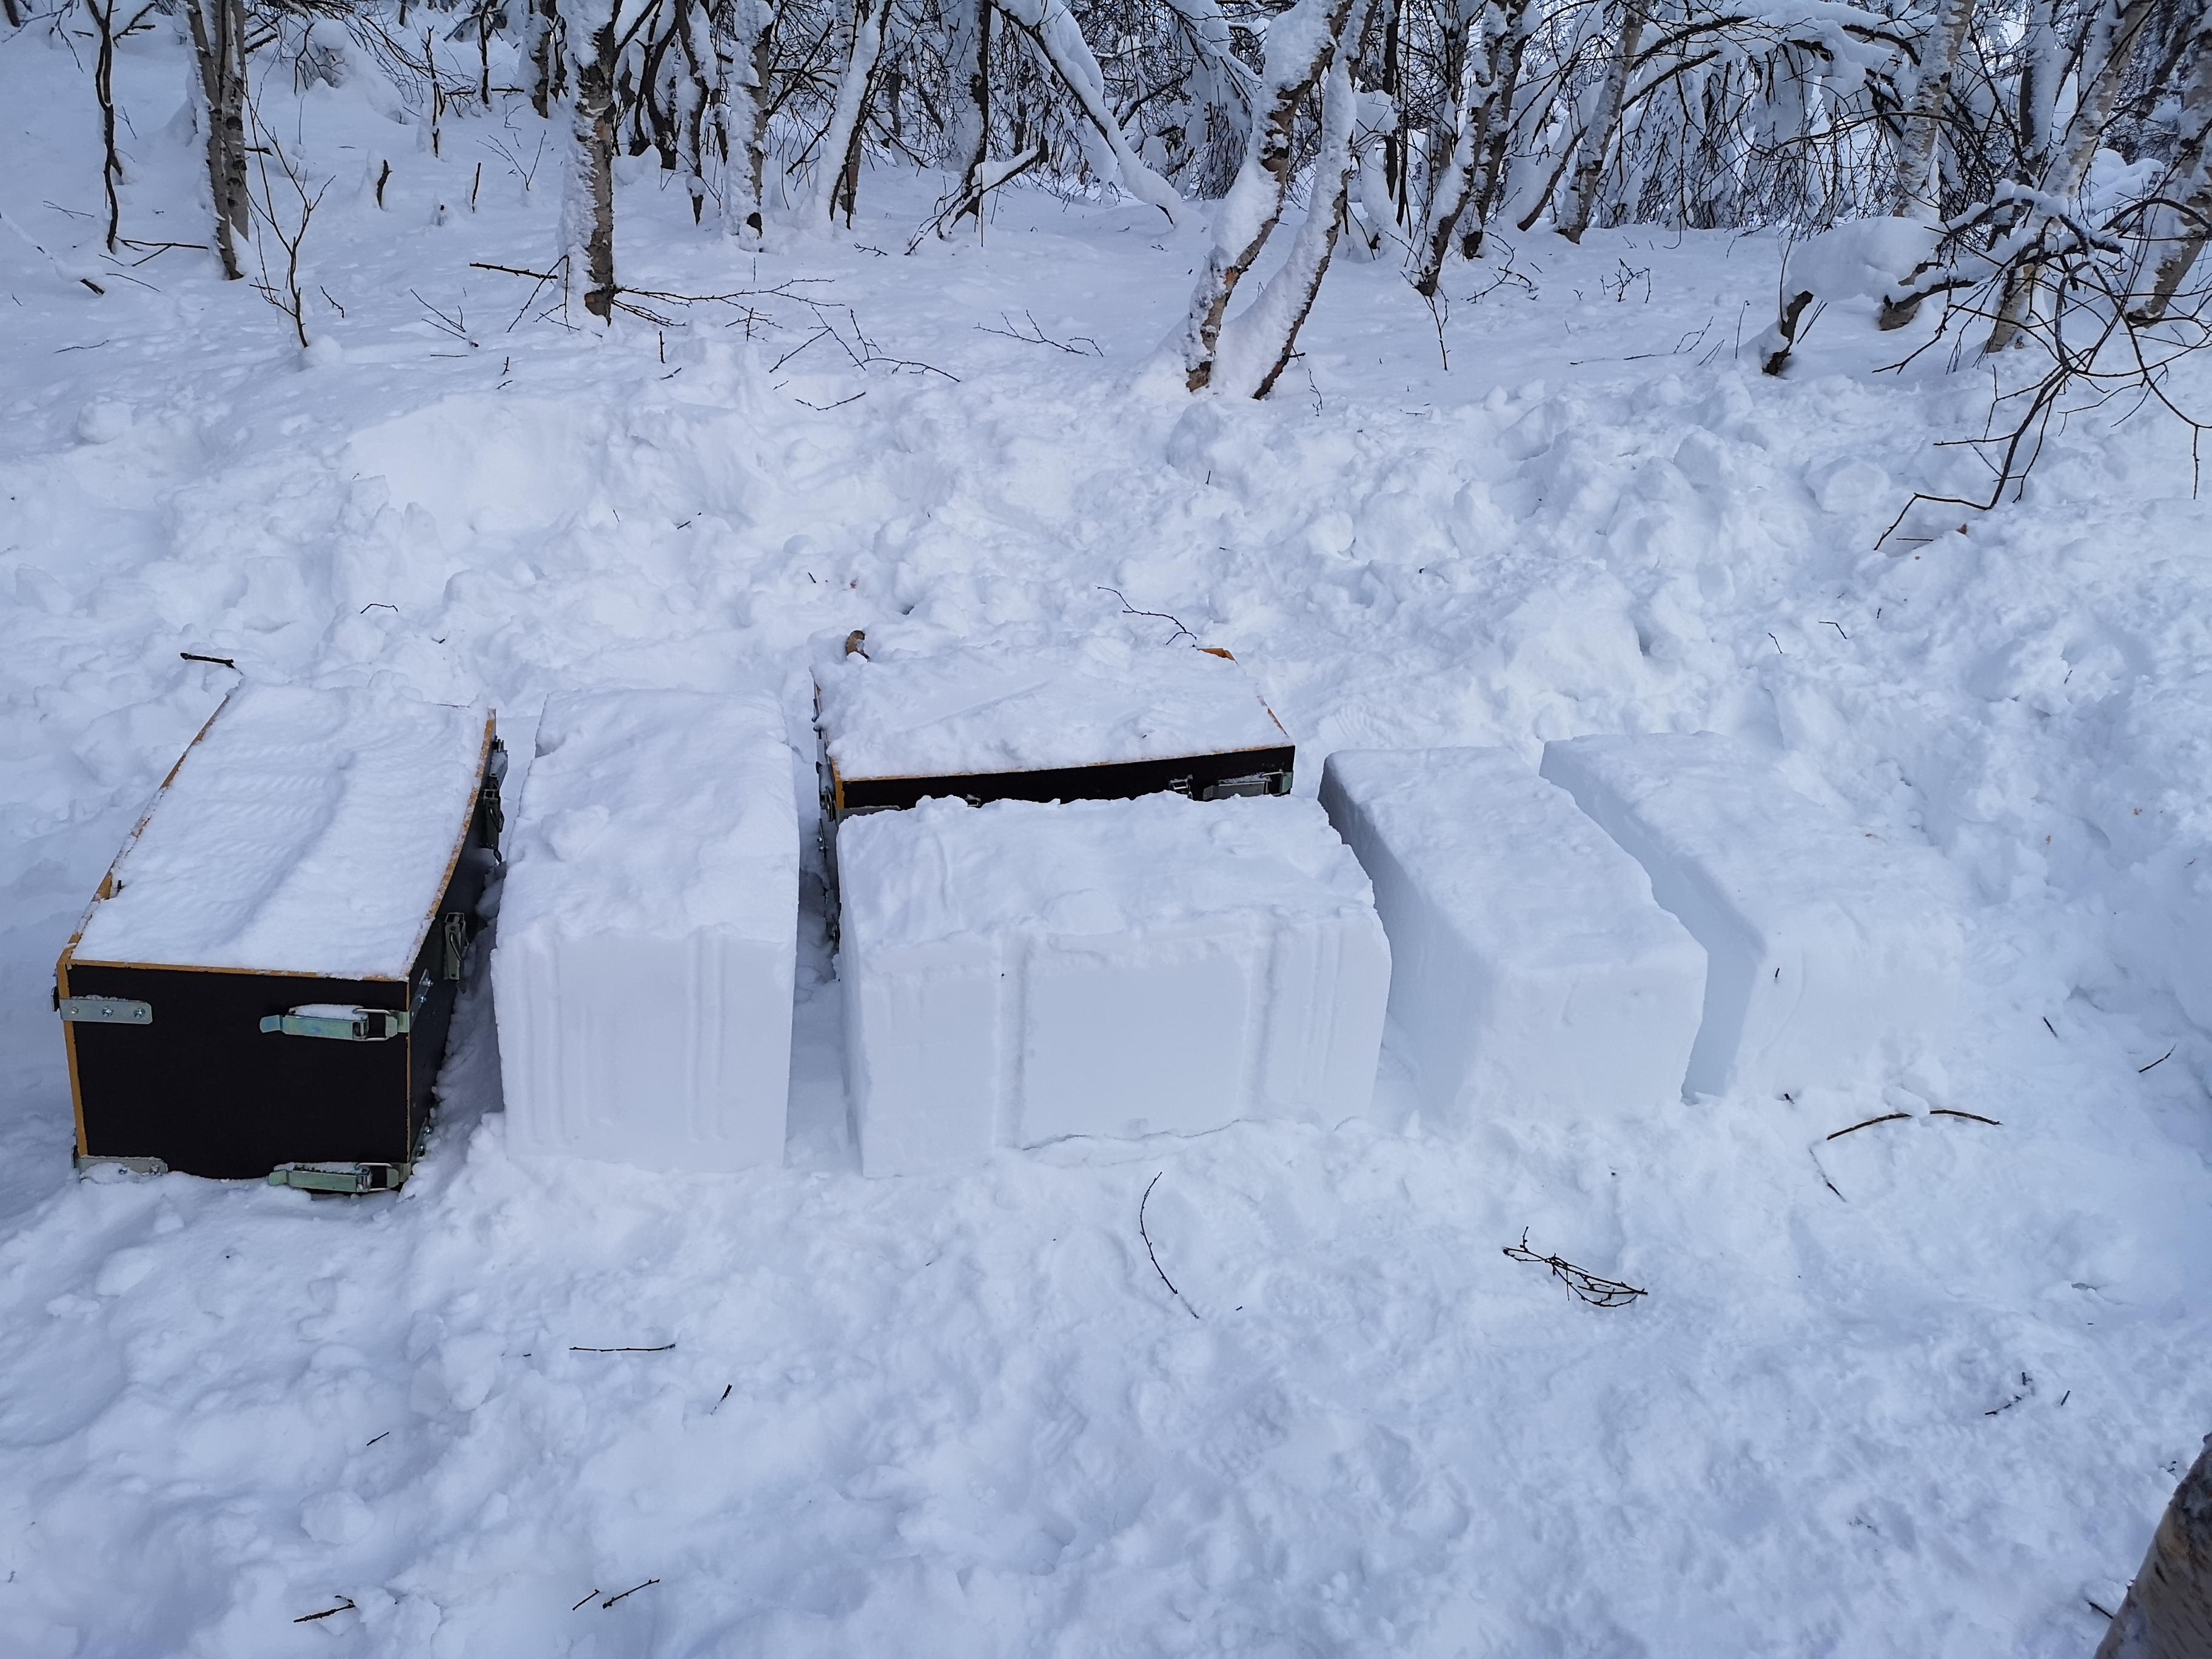 Beskyttet: Snøformer